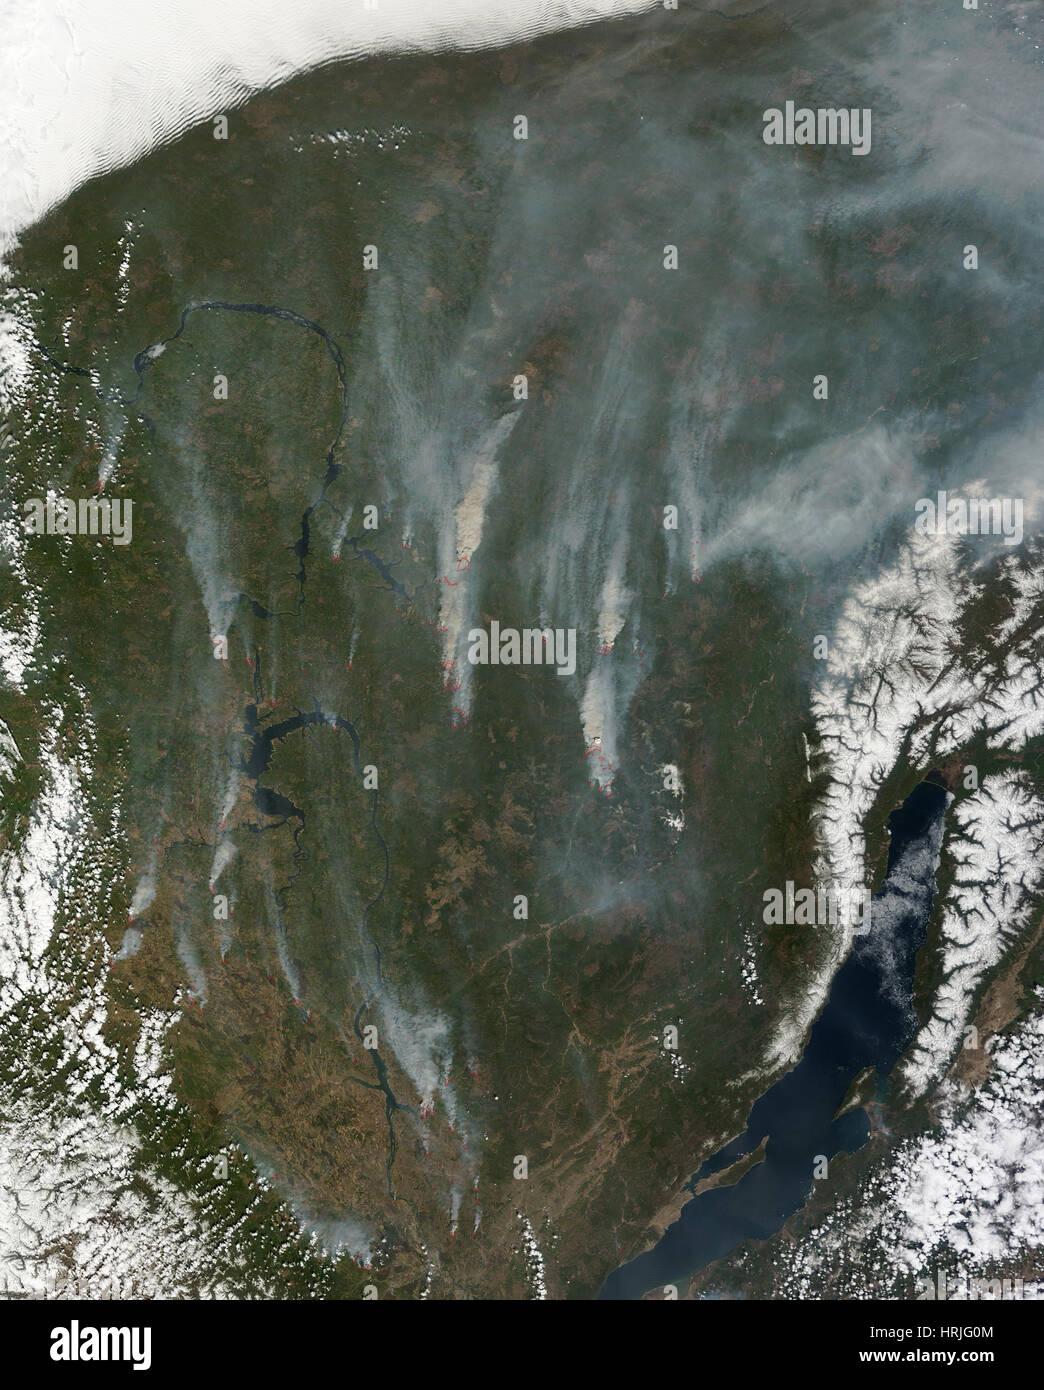 Gli incendi boschivi, Irkutsk, Russia, 2014 Immagini Stock